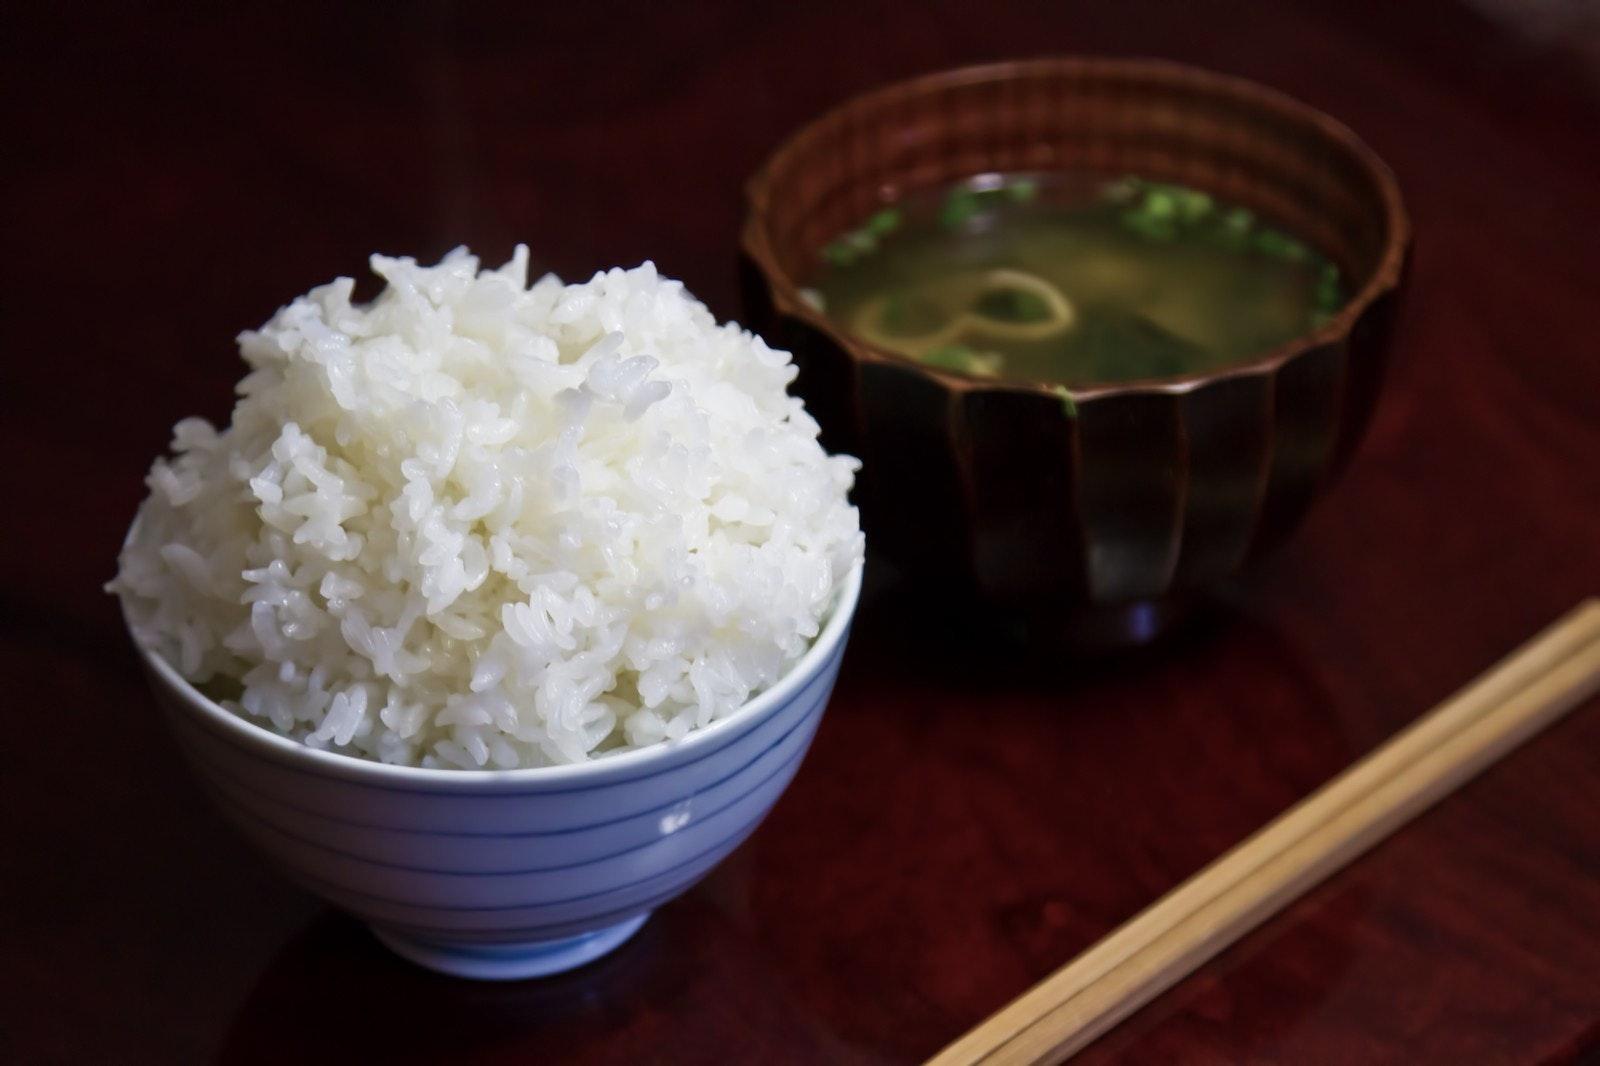 是[面白日本] 別以為好飯必是越光米!日本五大名地、七大名米(下)這篇文章的首圖